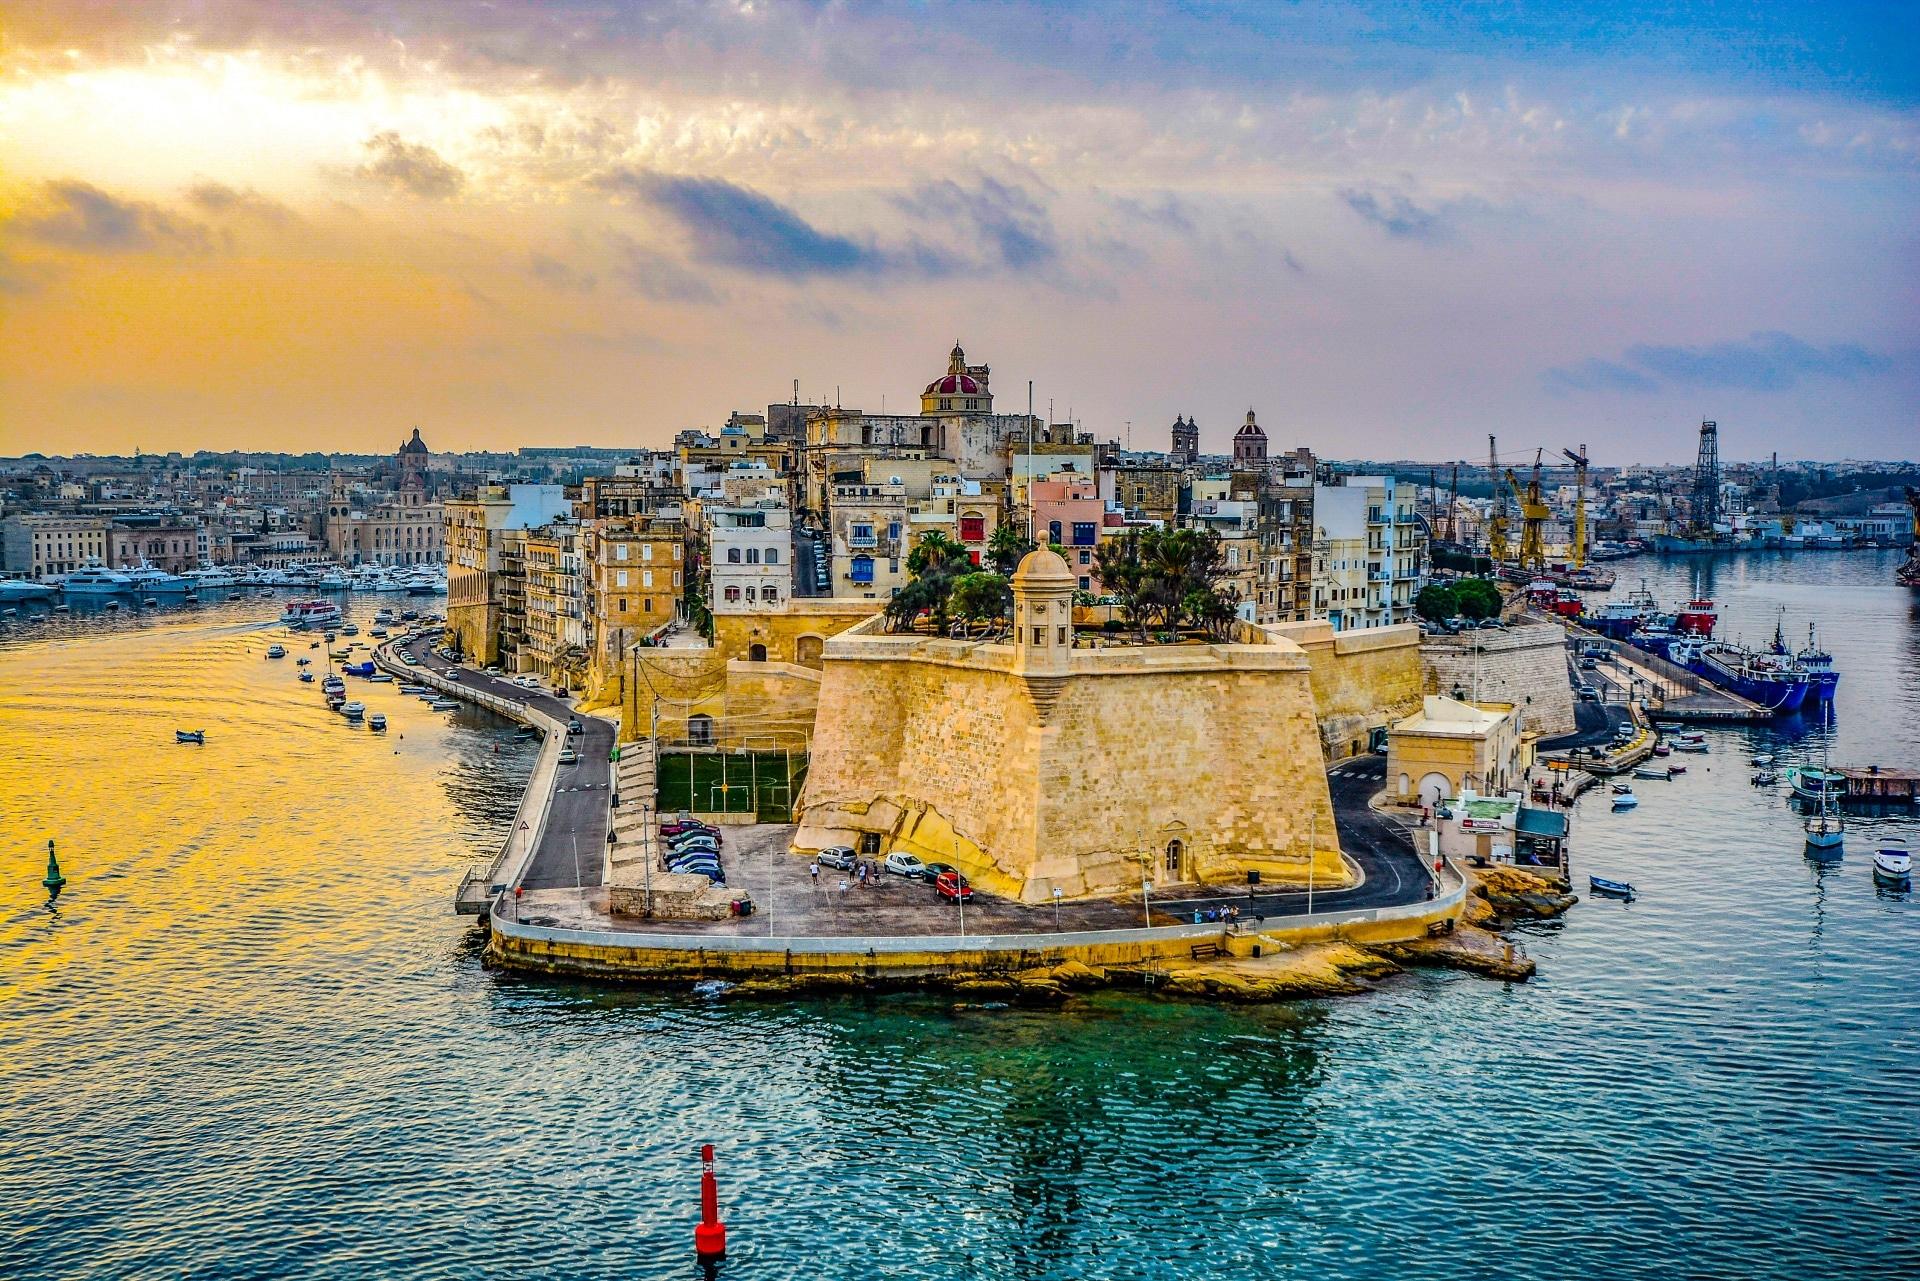 Malta Blockchain Summit rinviato a febbraio 2021 per il Covid-19